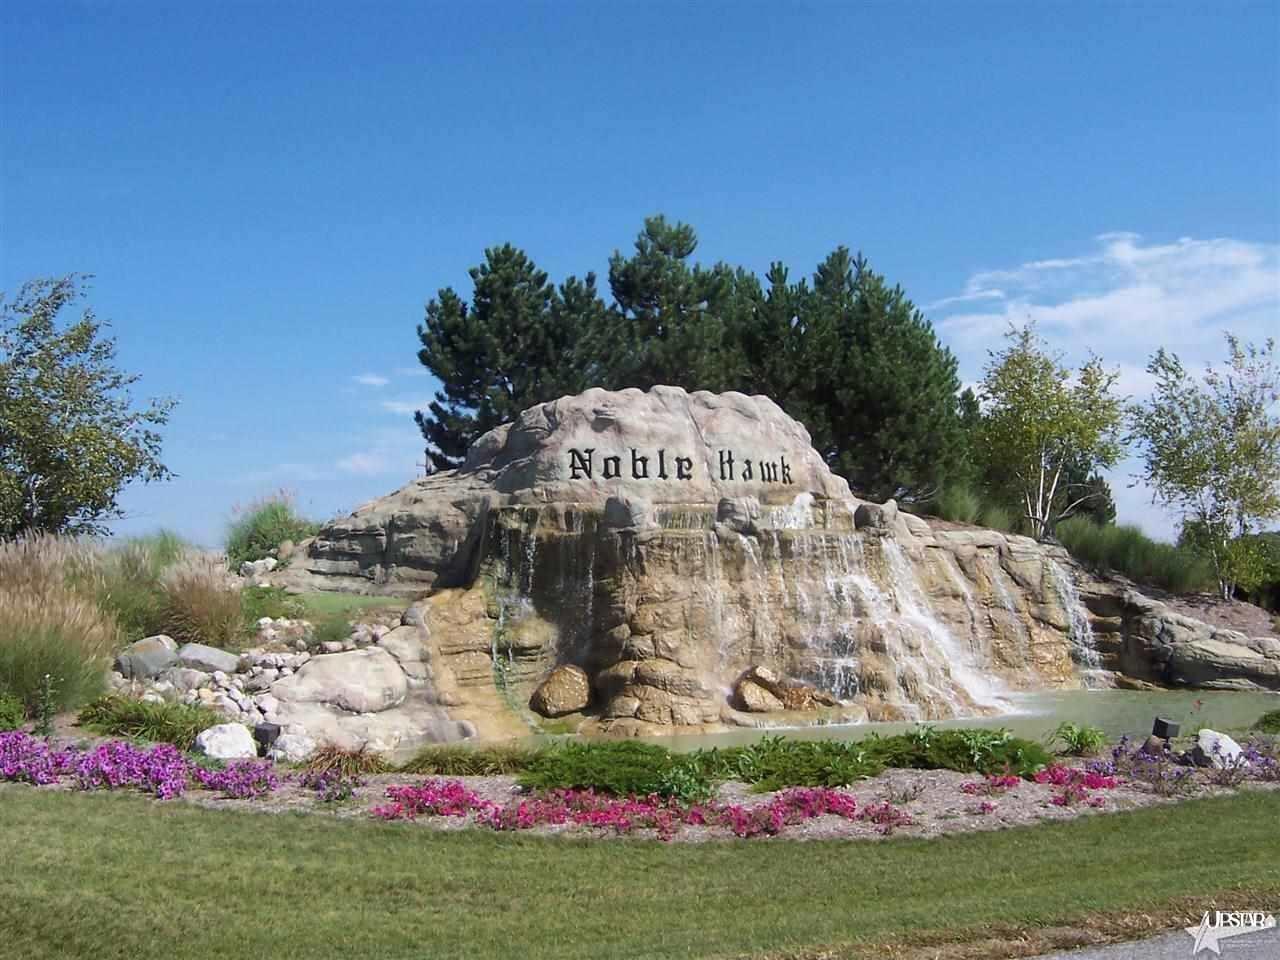 2810 Noble Hawk, Kendallville, IN 46755